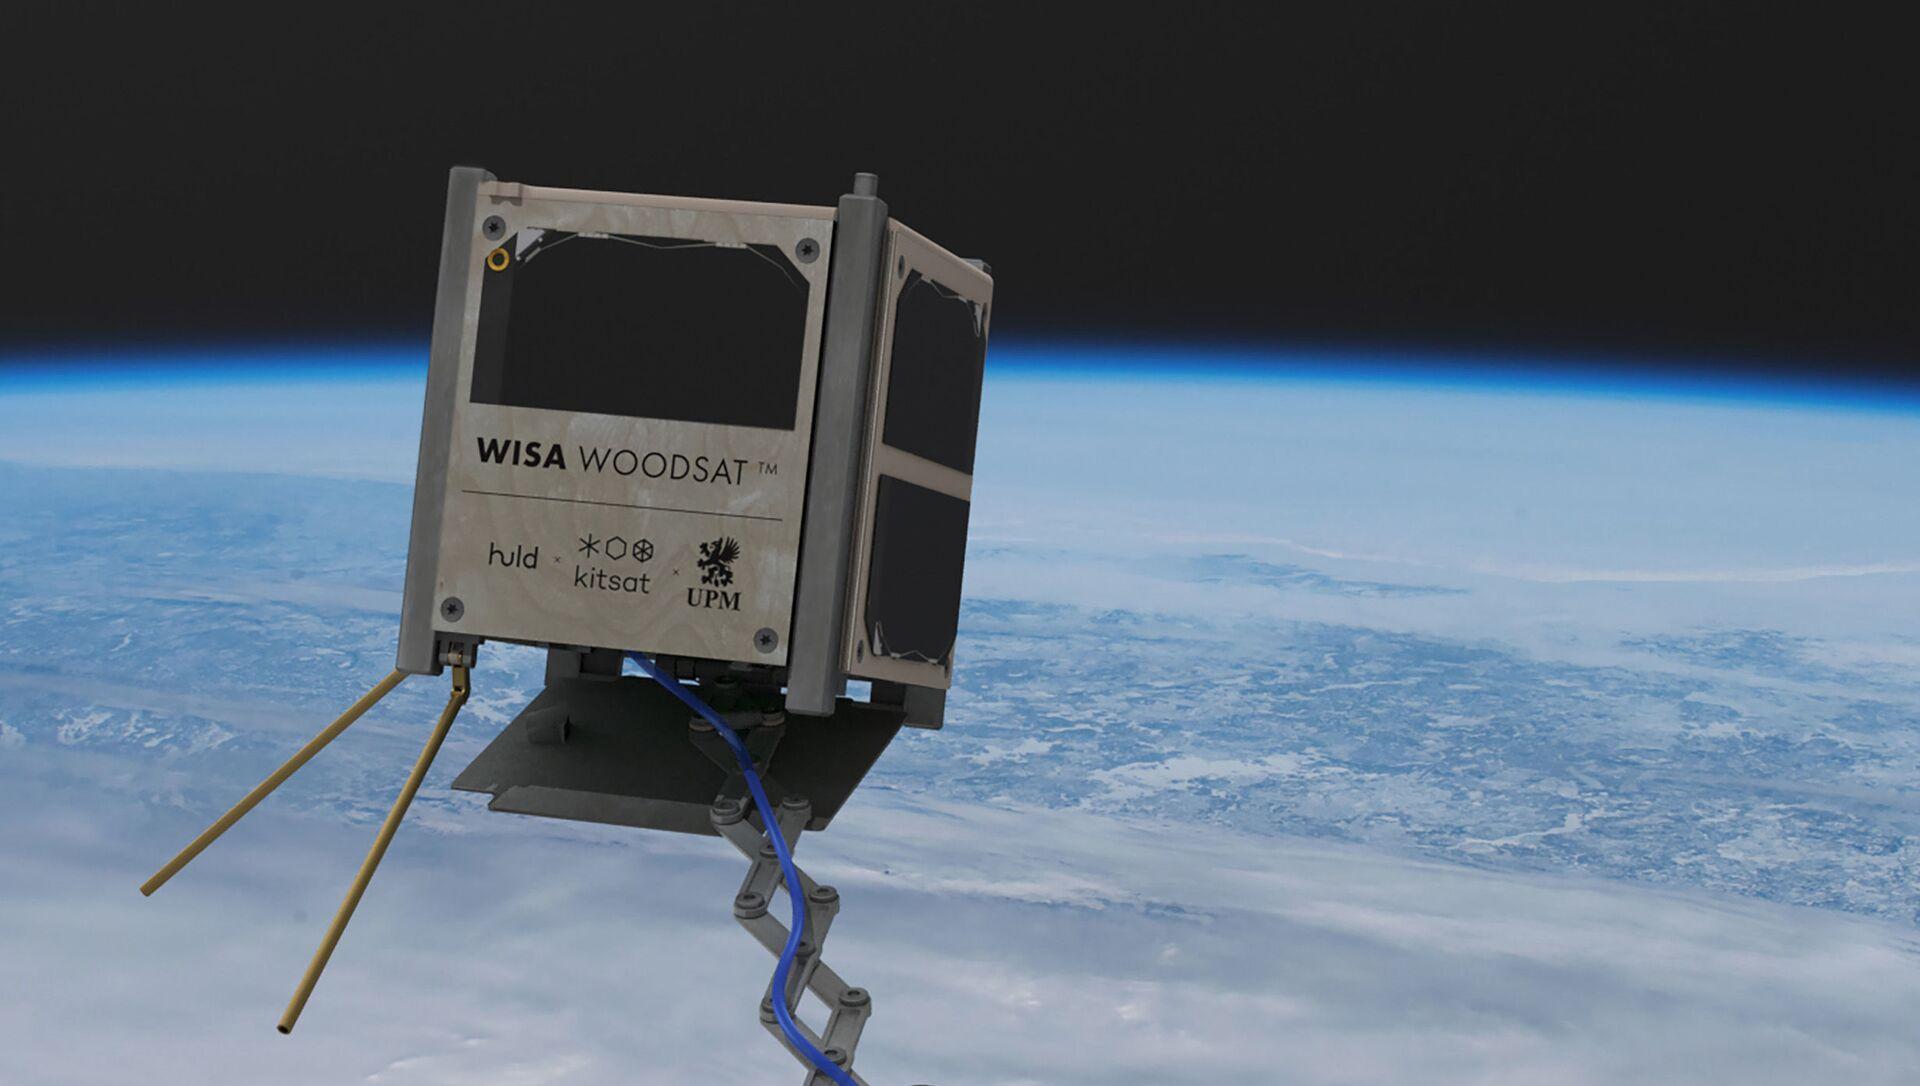 WISA Woodsat - Sputnik Italia, 1920, 12.04.2021